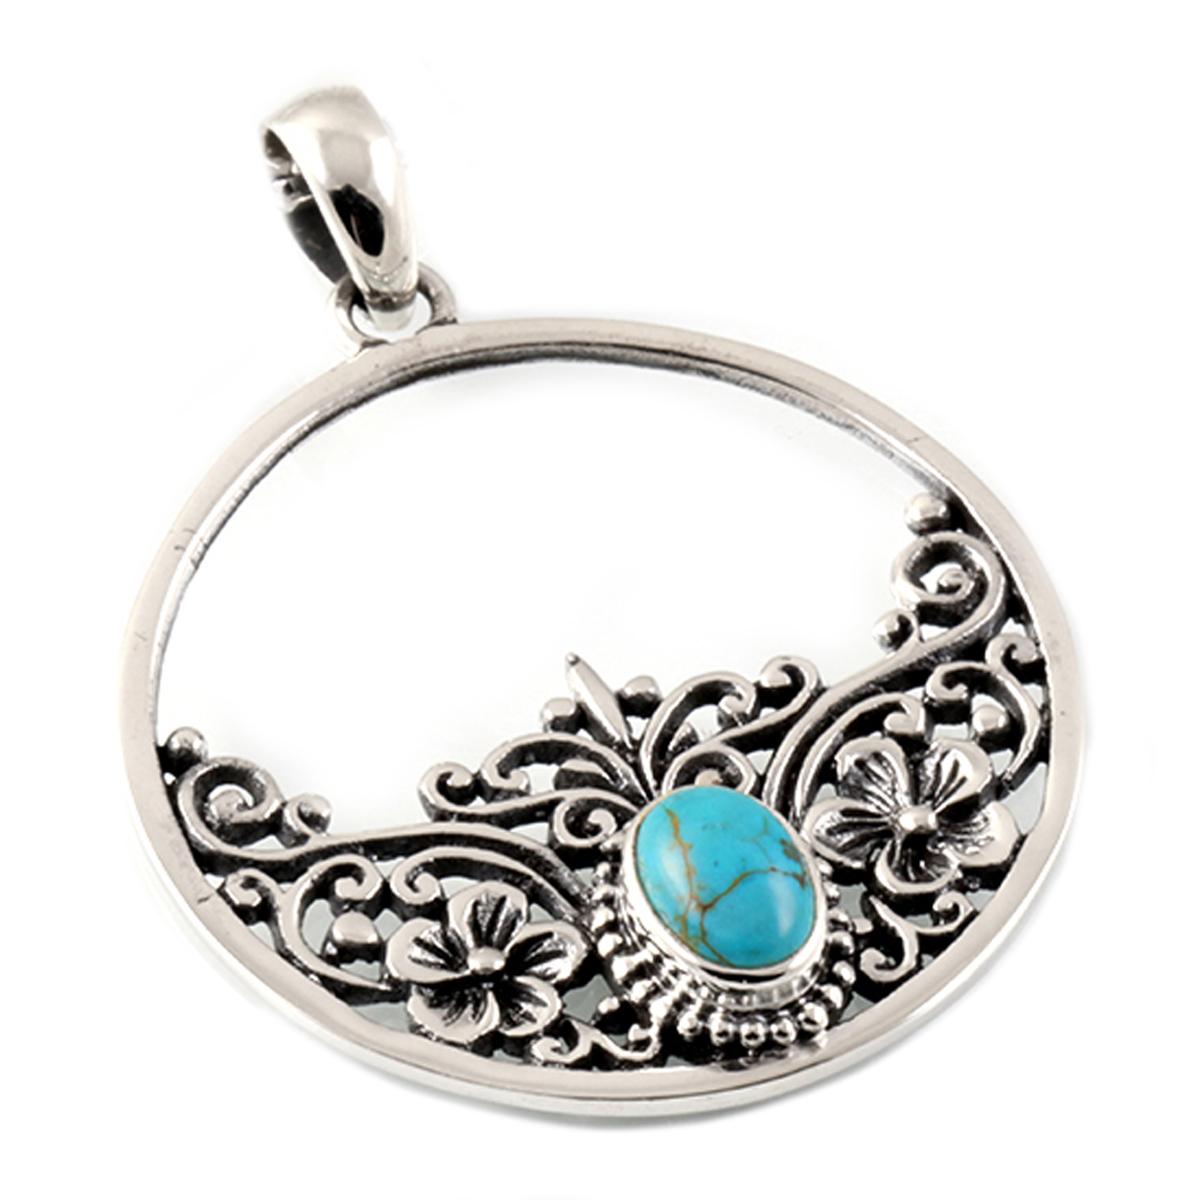 Pendentif Argent artisanal \'Heaven\' turquoise argenté vieilli - 30x30 mm - [Q7560]